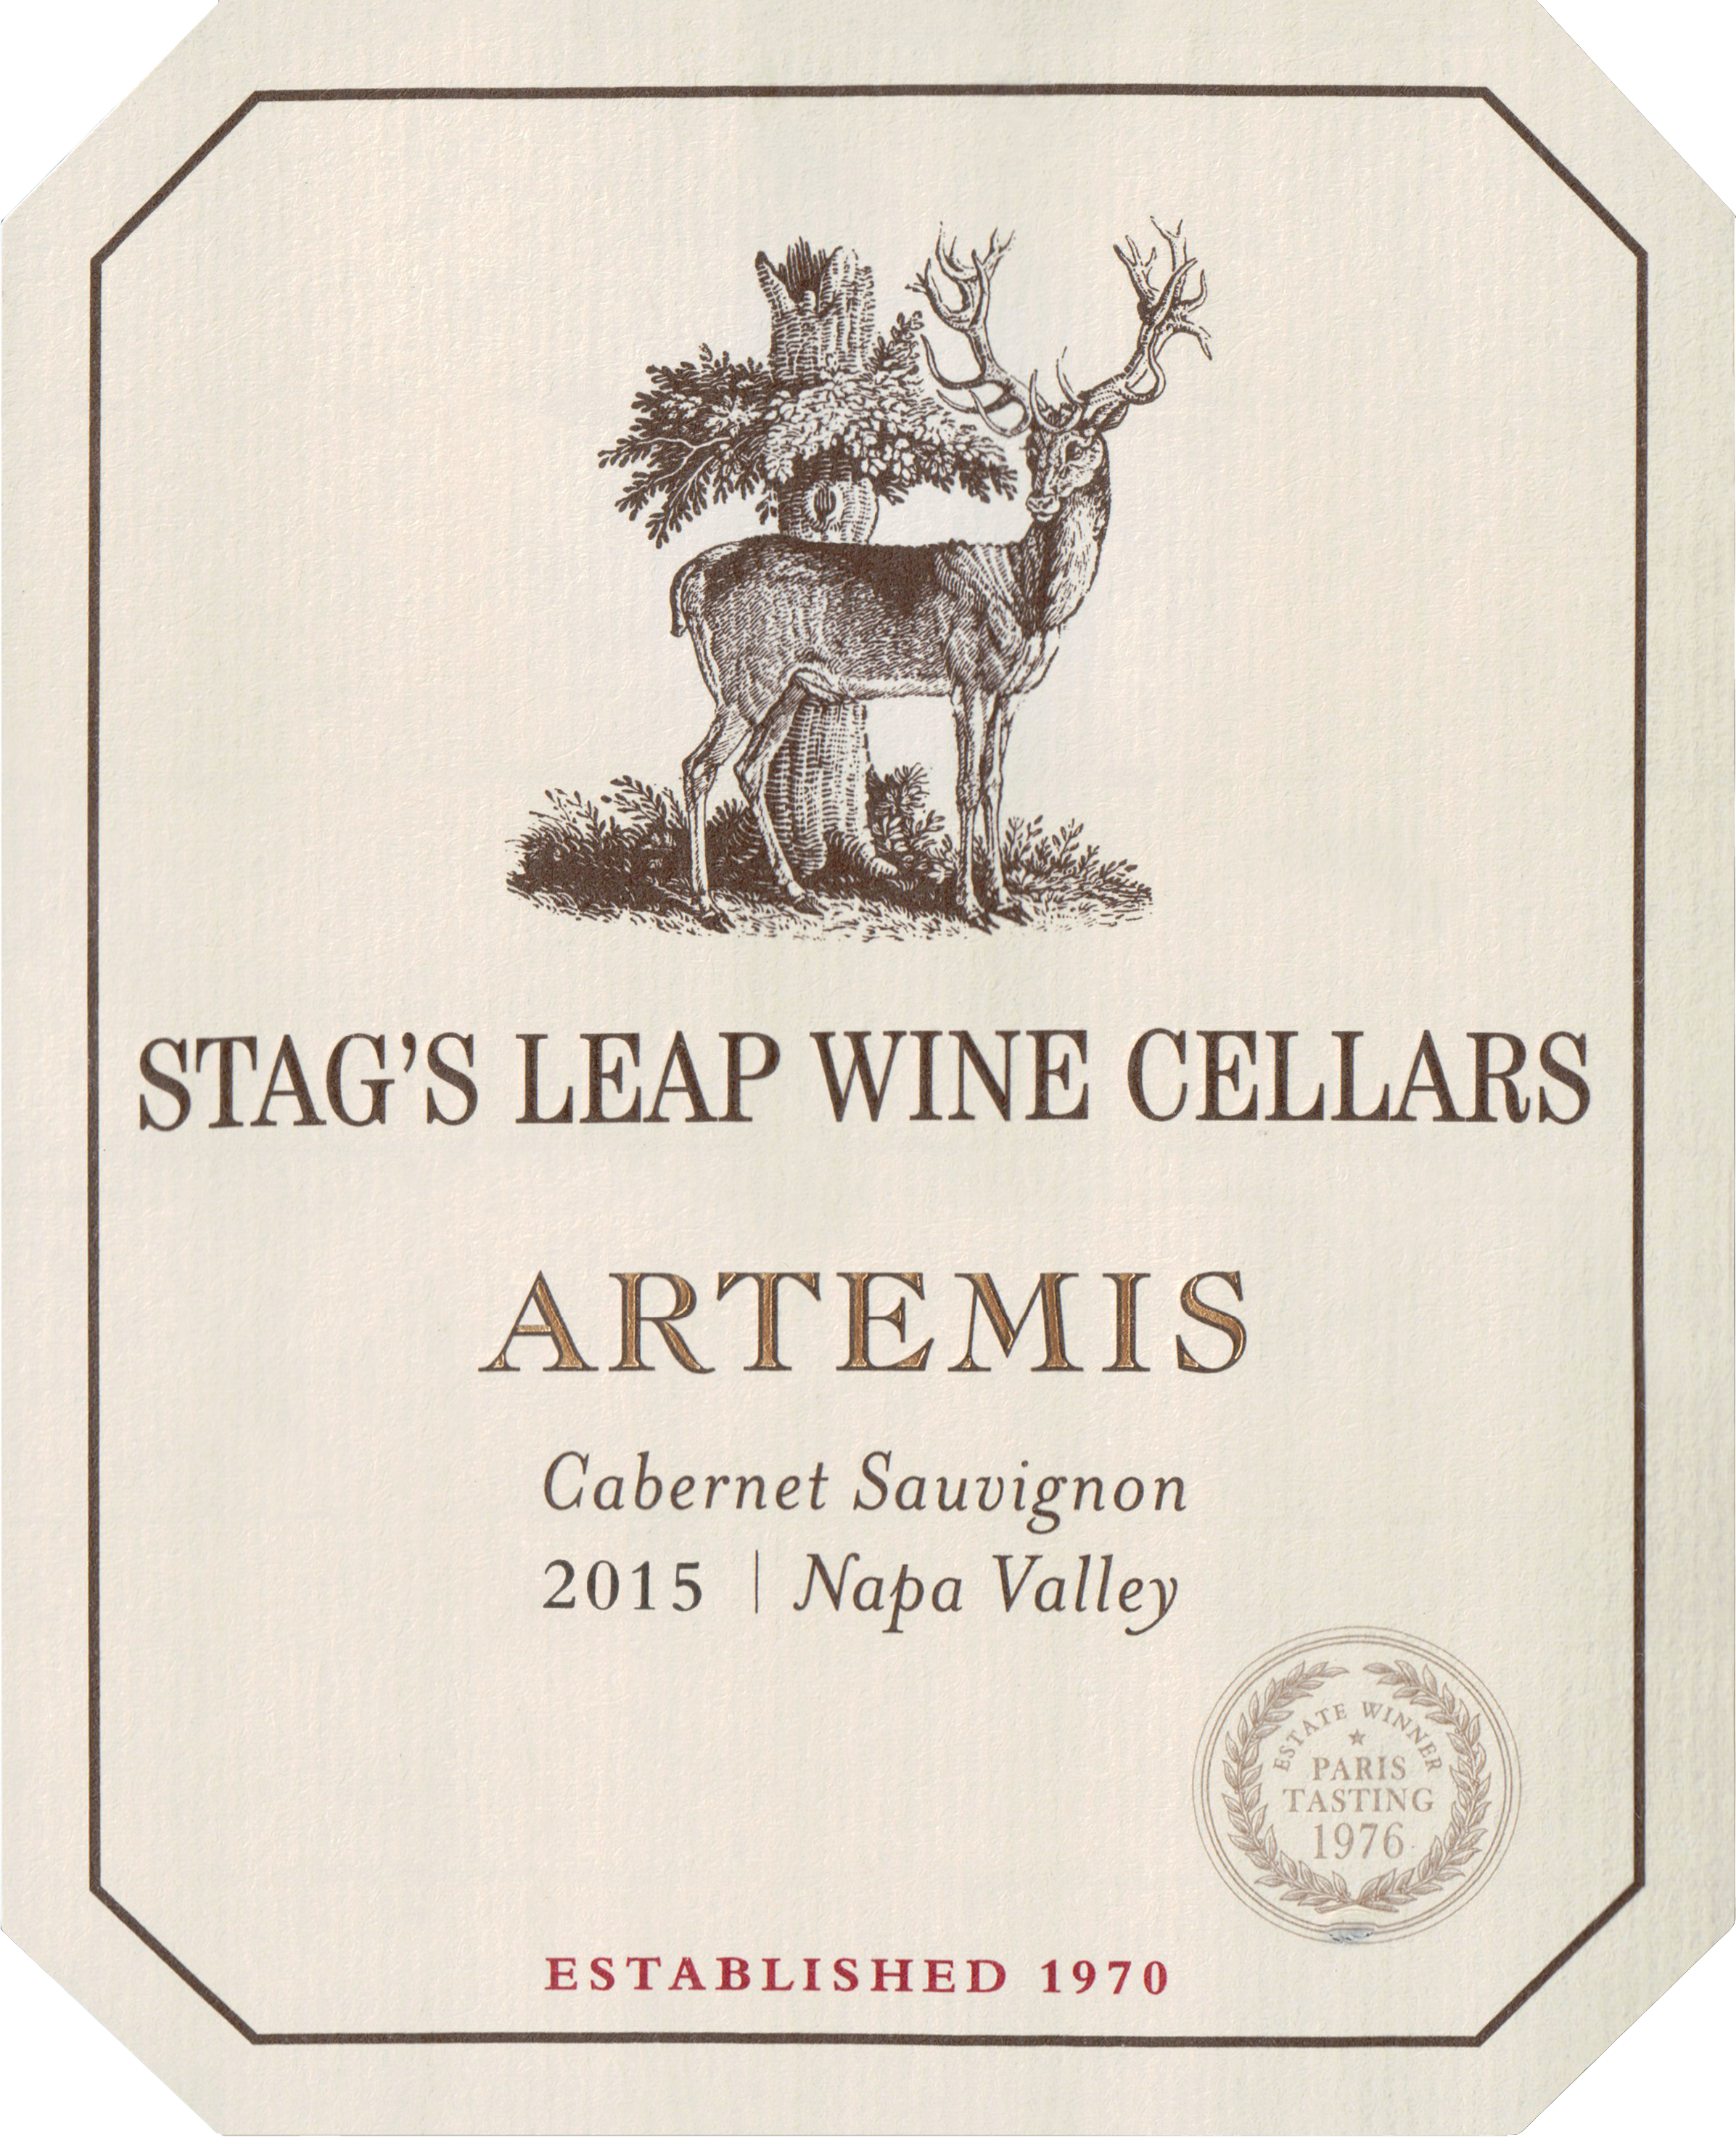 Stags Leap W.C. Artemis Cabernet Sauvignon Half Bottle 2015